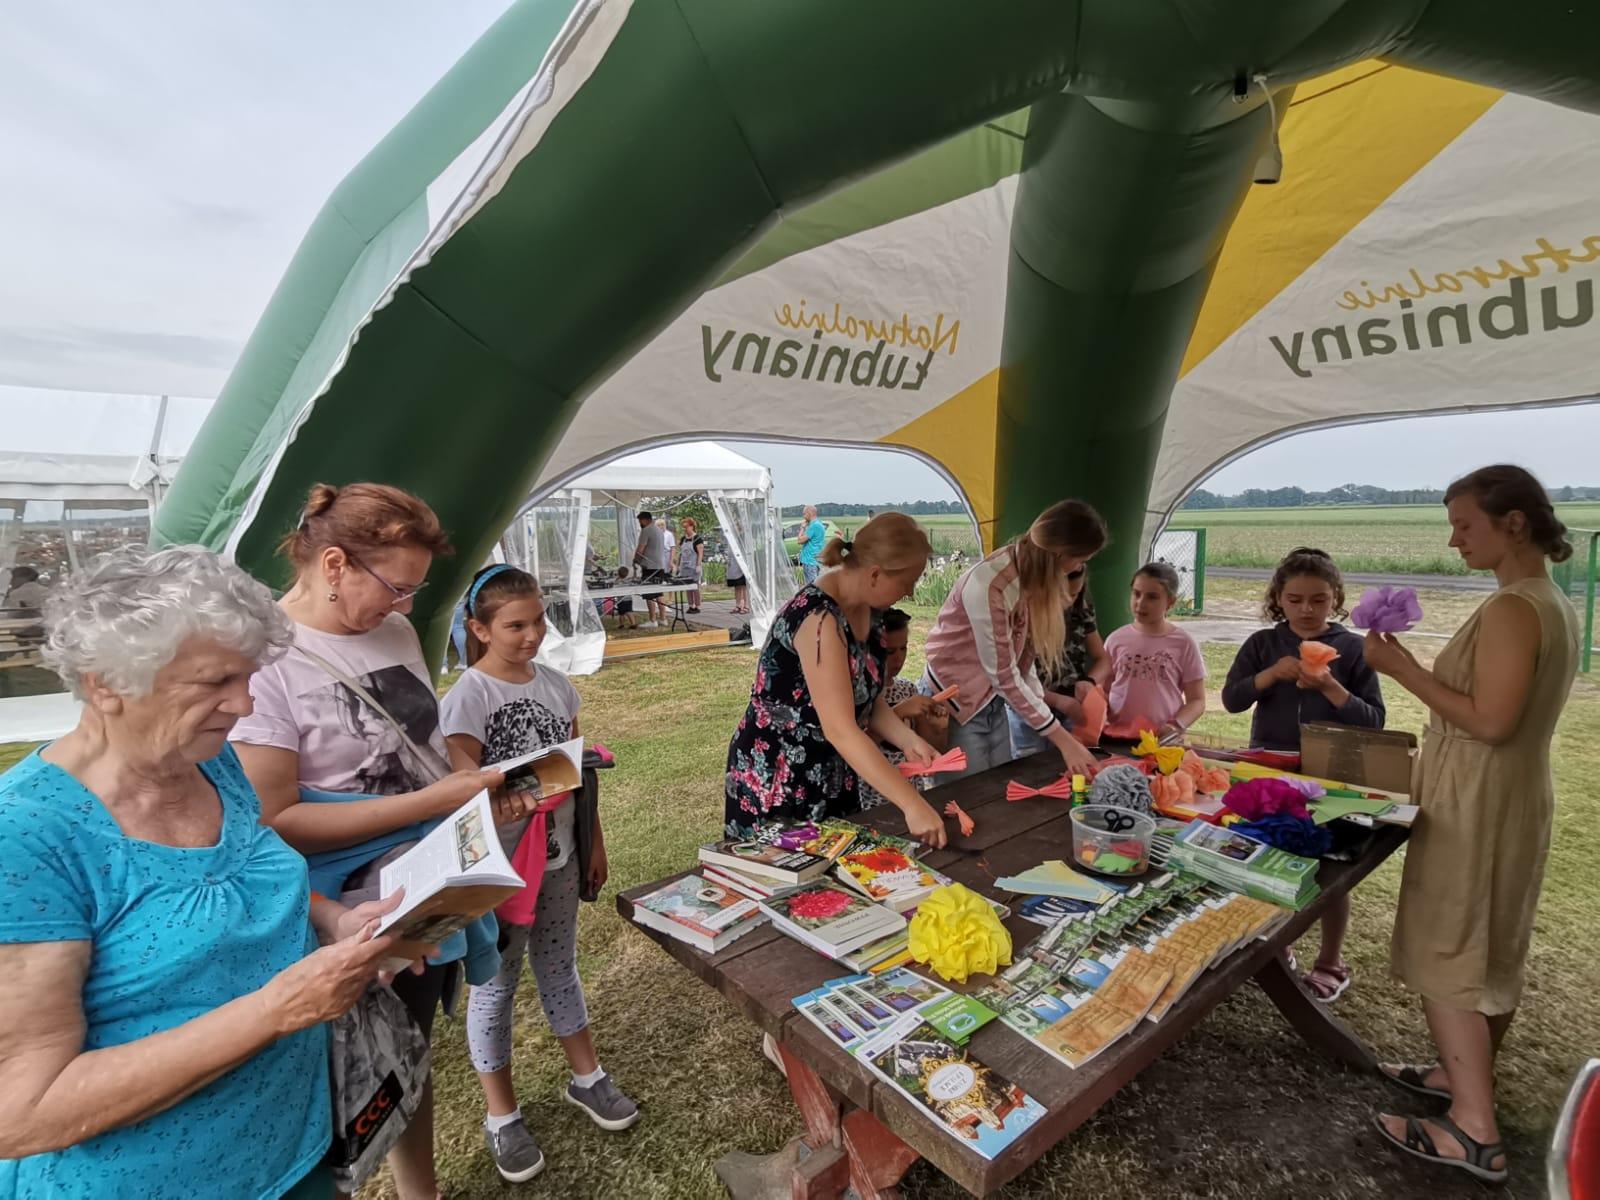 uczestnicy warsztatów (dzieci robiące kwiaty oraz seniorzy czytający ksiażki)